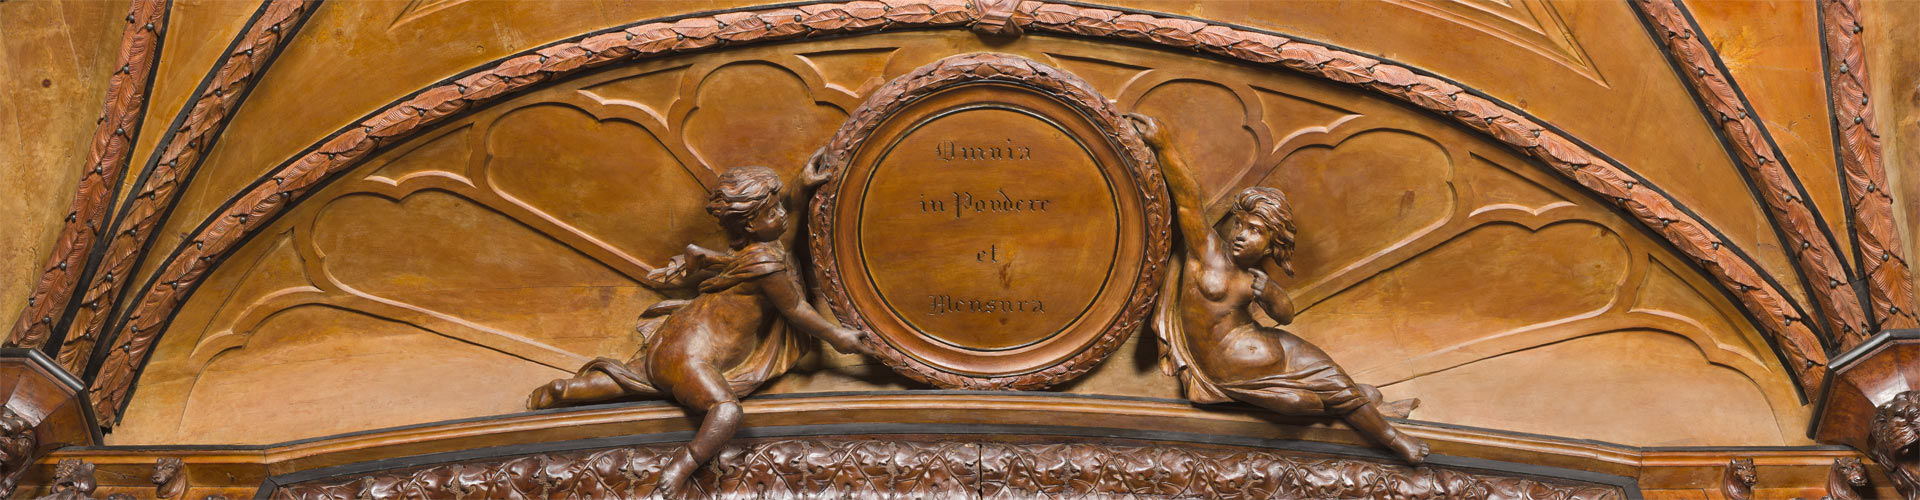 Allegorie della scienze nelle lunette del Museo Farmacia Mazzolini Giuseppucci